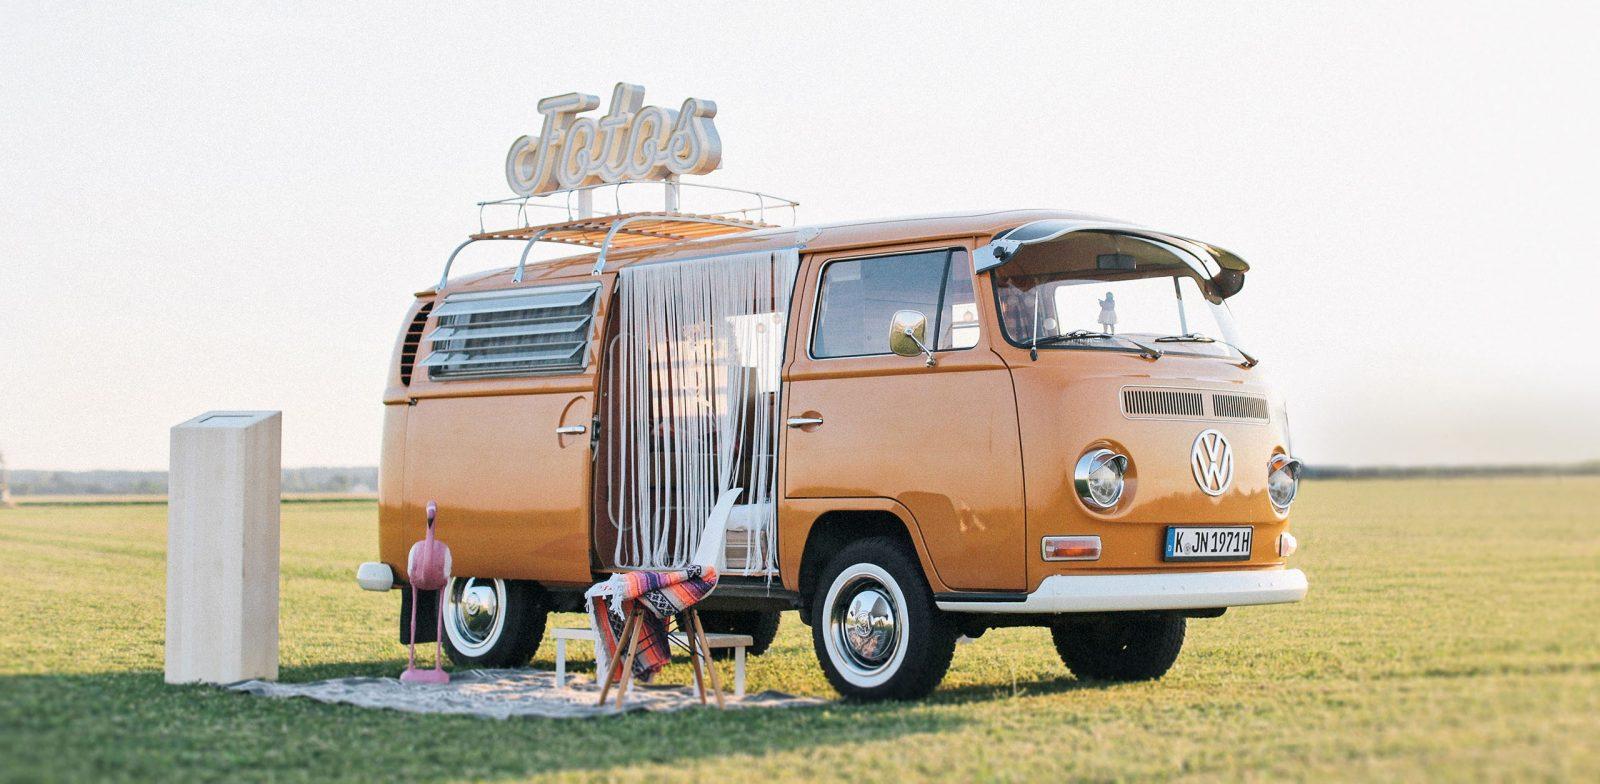 DER VINTAGE VW-BULLI MIT PHOTOBOOTH